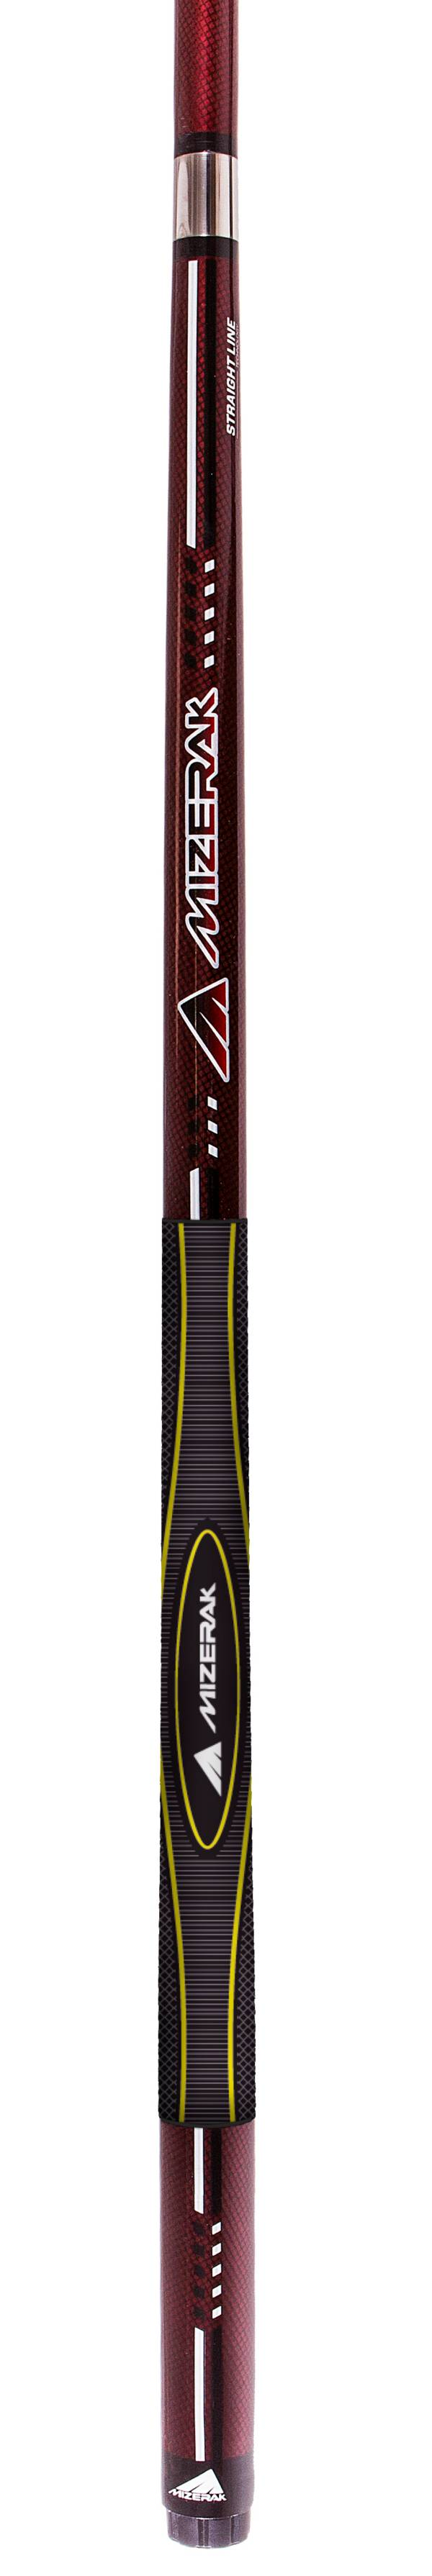 Mizerak Premium Carbon Composite 3D Grip Cue product image